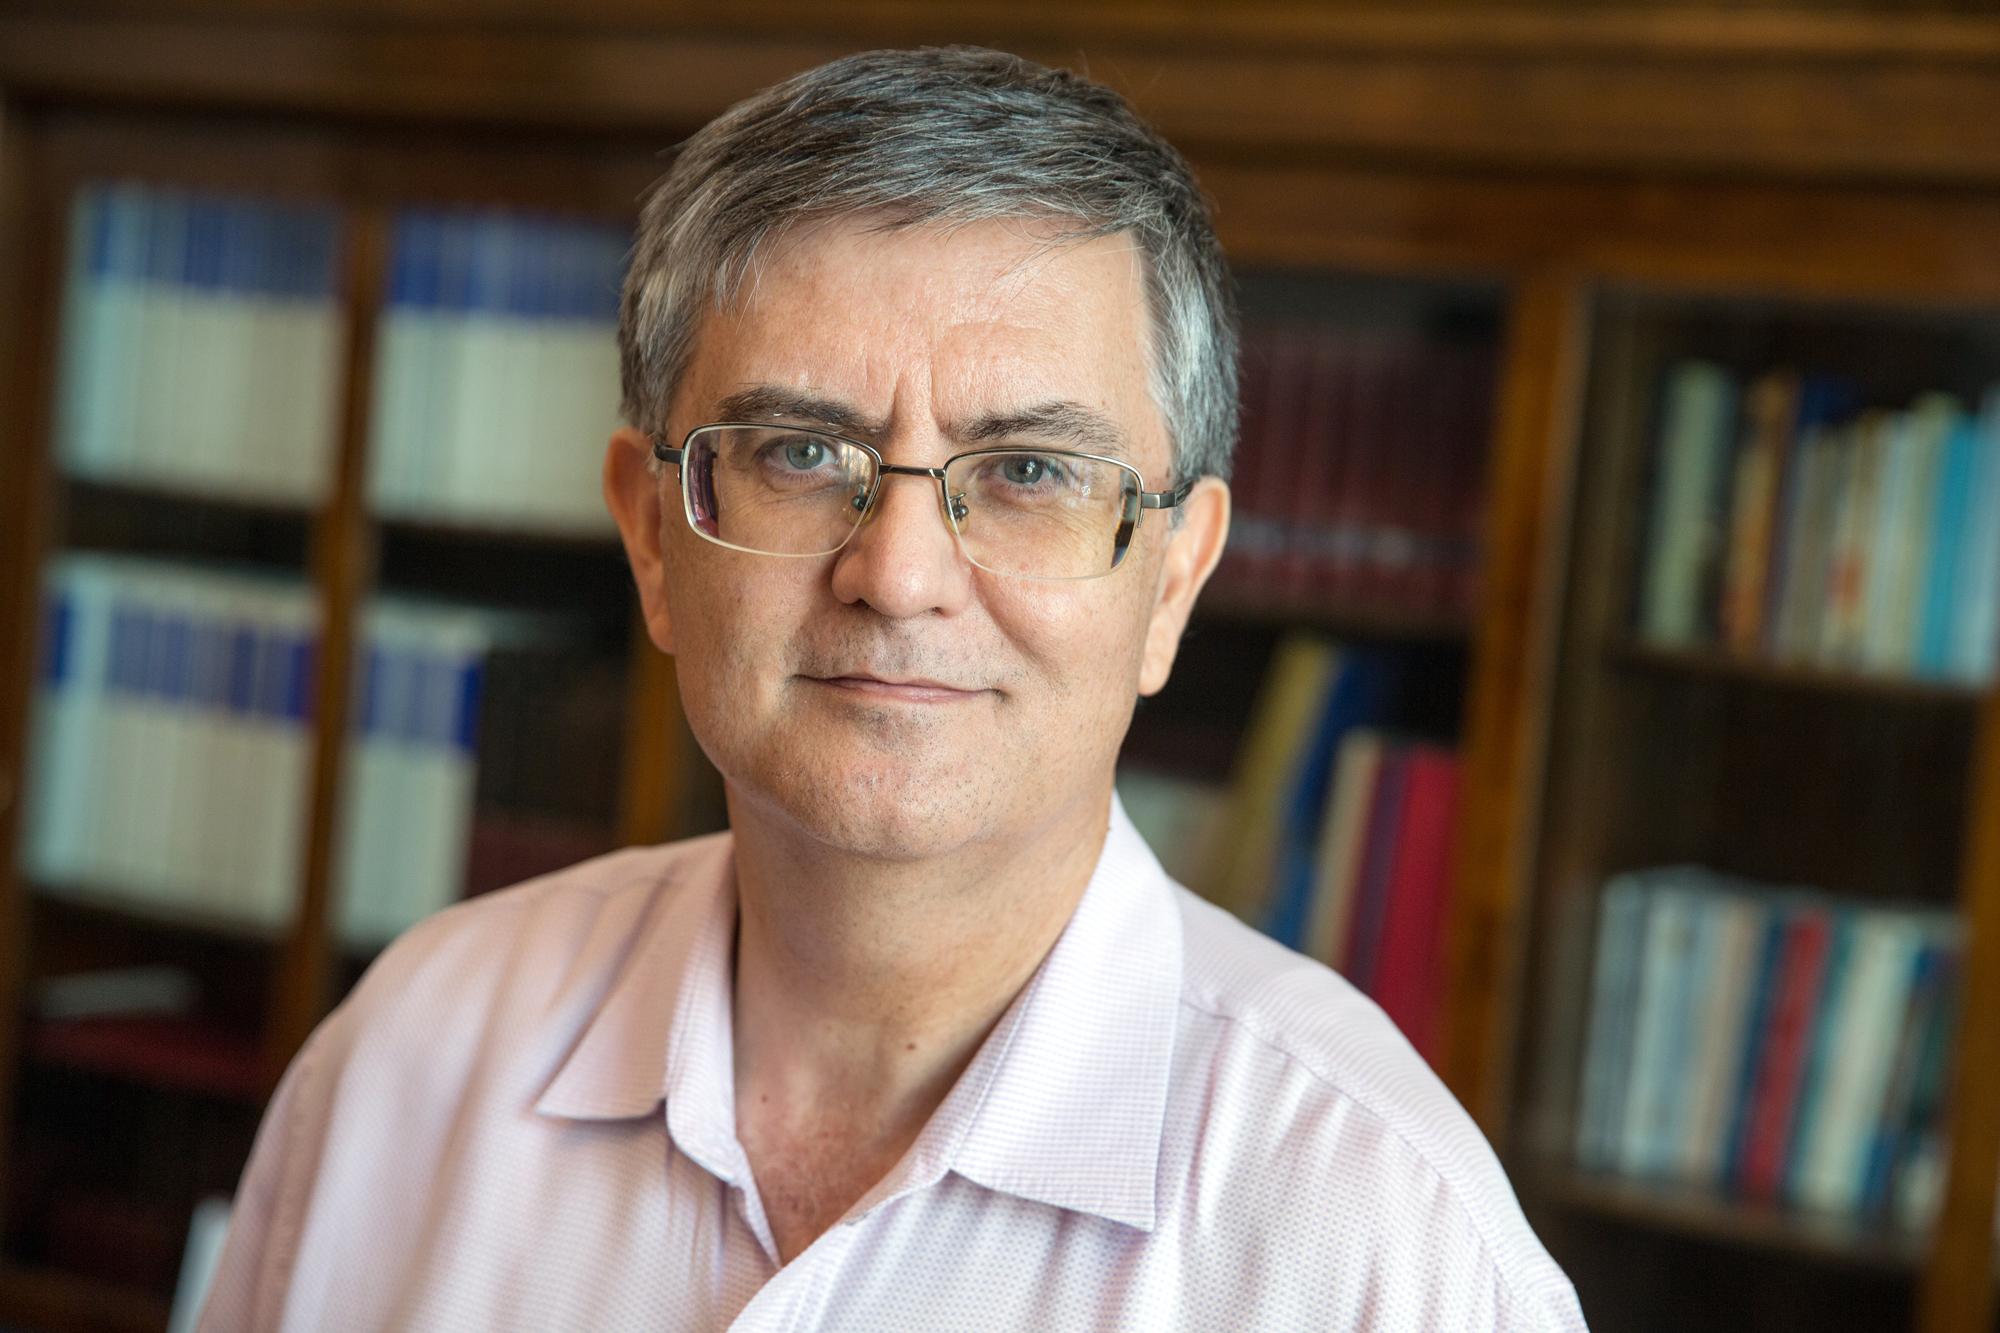 prof.univ.dr. mircea dumitru a primit titlul de doctor honoris causa al utcn